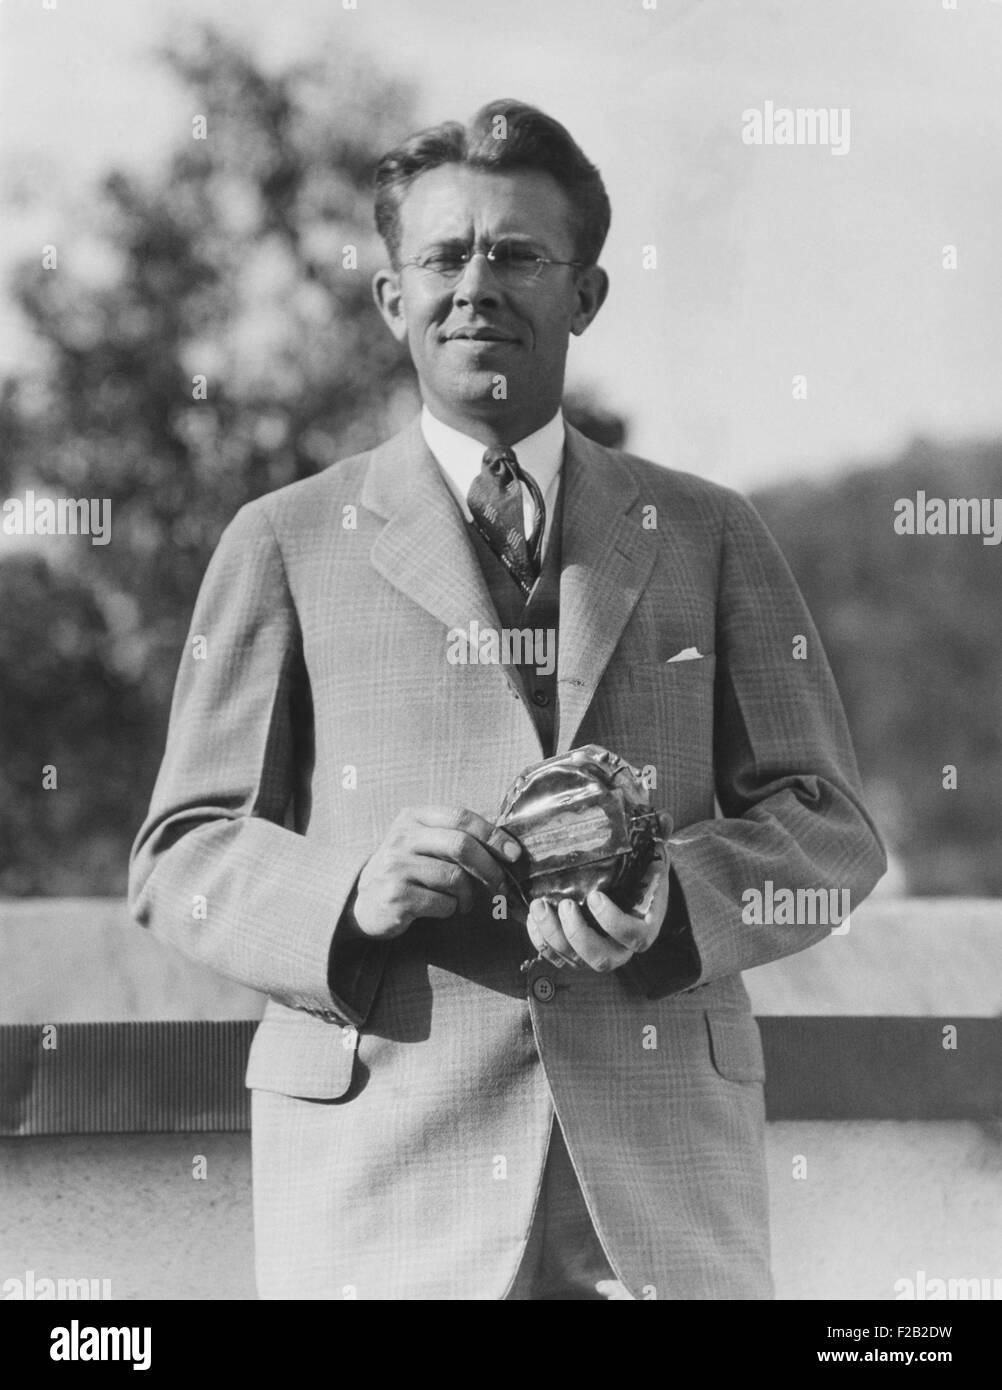 Ernest Orlando Lawrence, physicien nucléaire américain en 1935. Il a reçu un brevet pour le cyclotron en 1934. En 1939, il a remporté le Banque D'Images